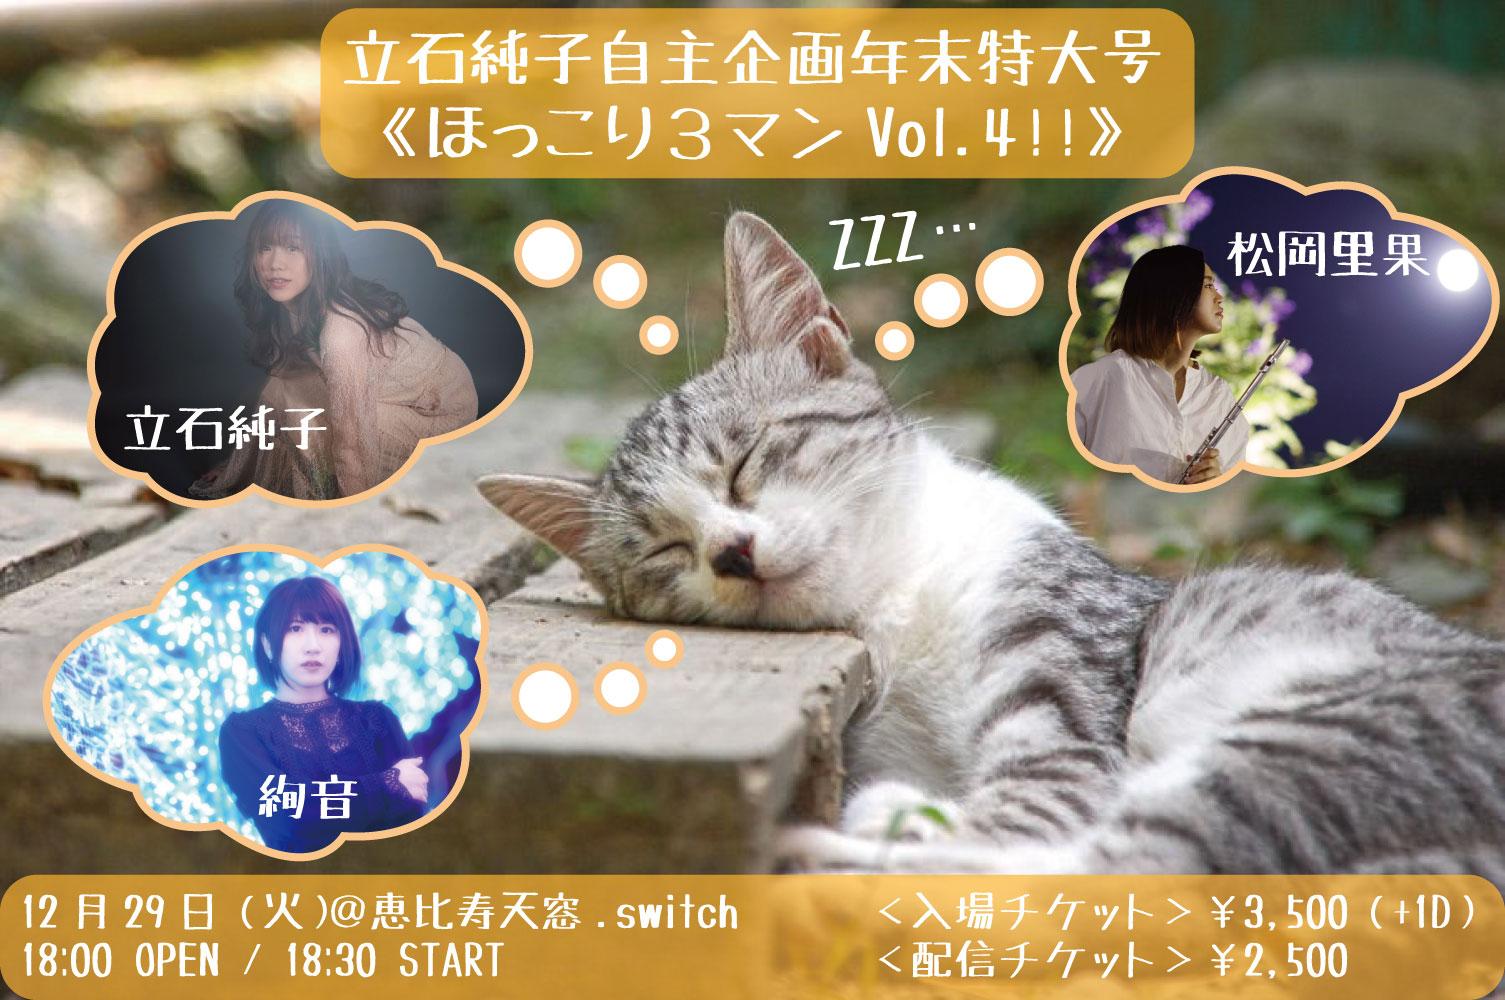 立石純子自主企画年末特大号 《ほっこり3マンVol.4!!》